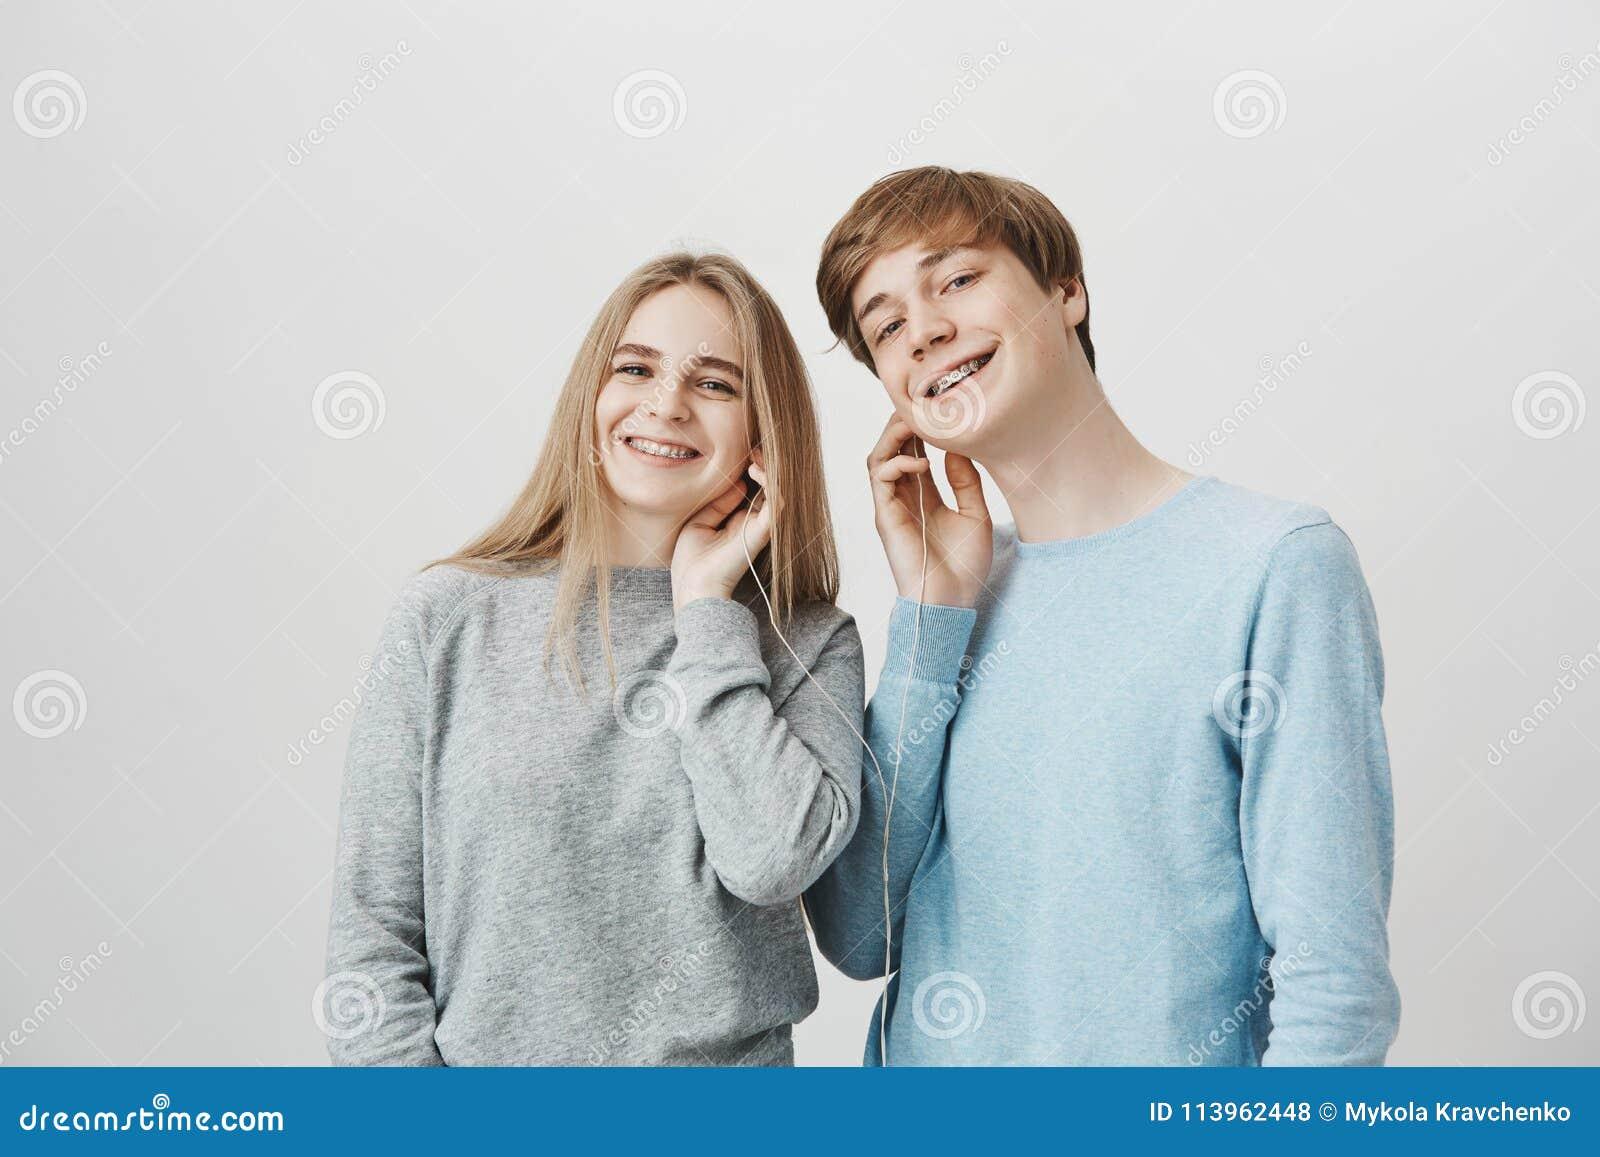 Låna mig dina öron Vänskapsmatchen tillfredsställde den snygga pojkvännen och flickvännen som delar hörlurar medan den lyssnande